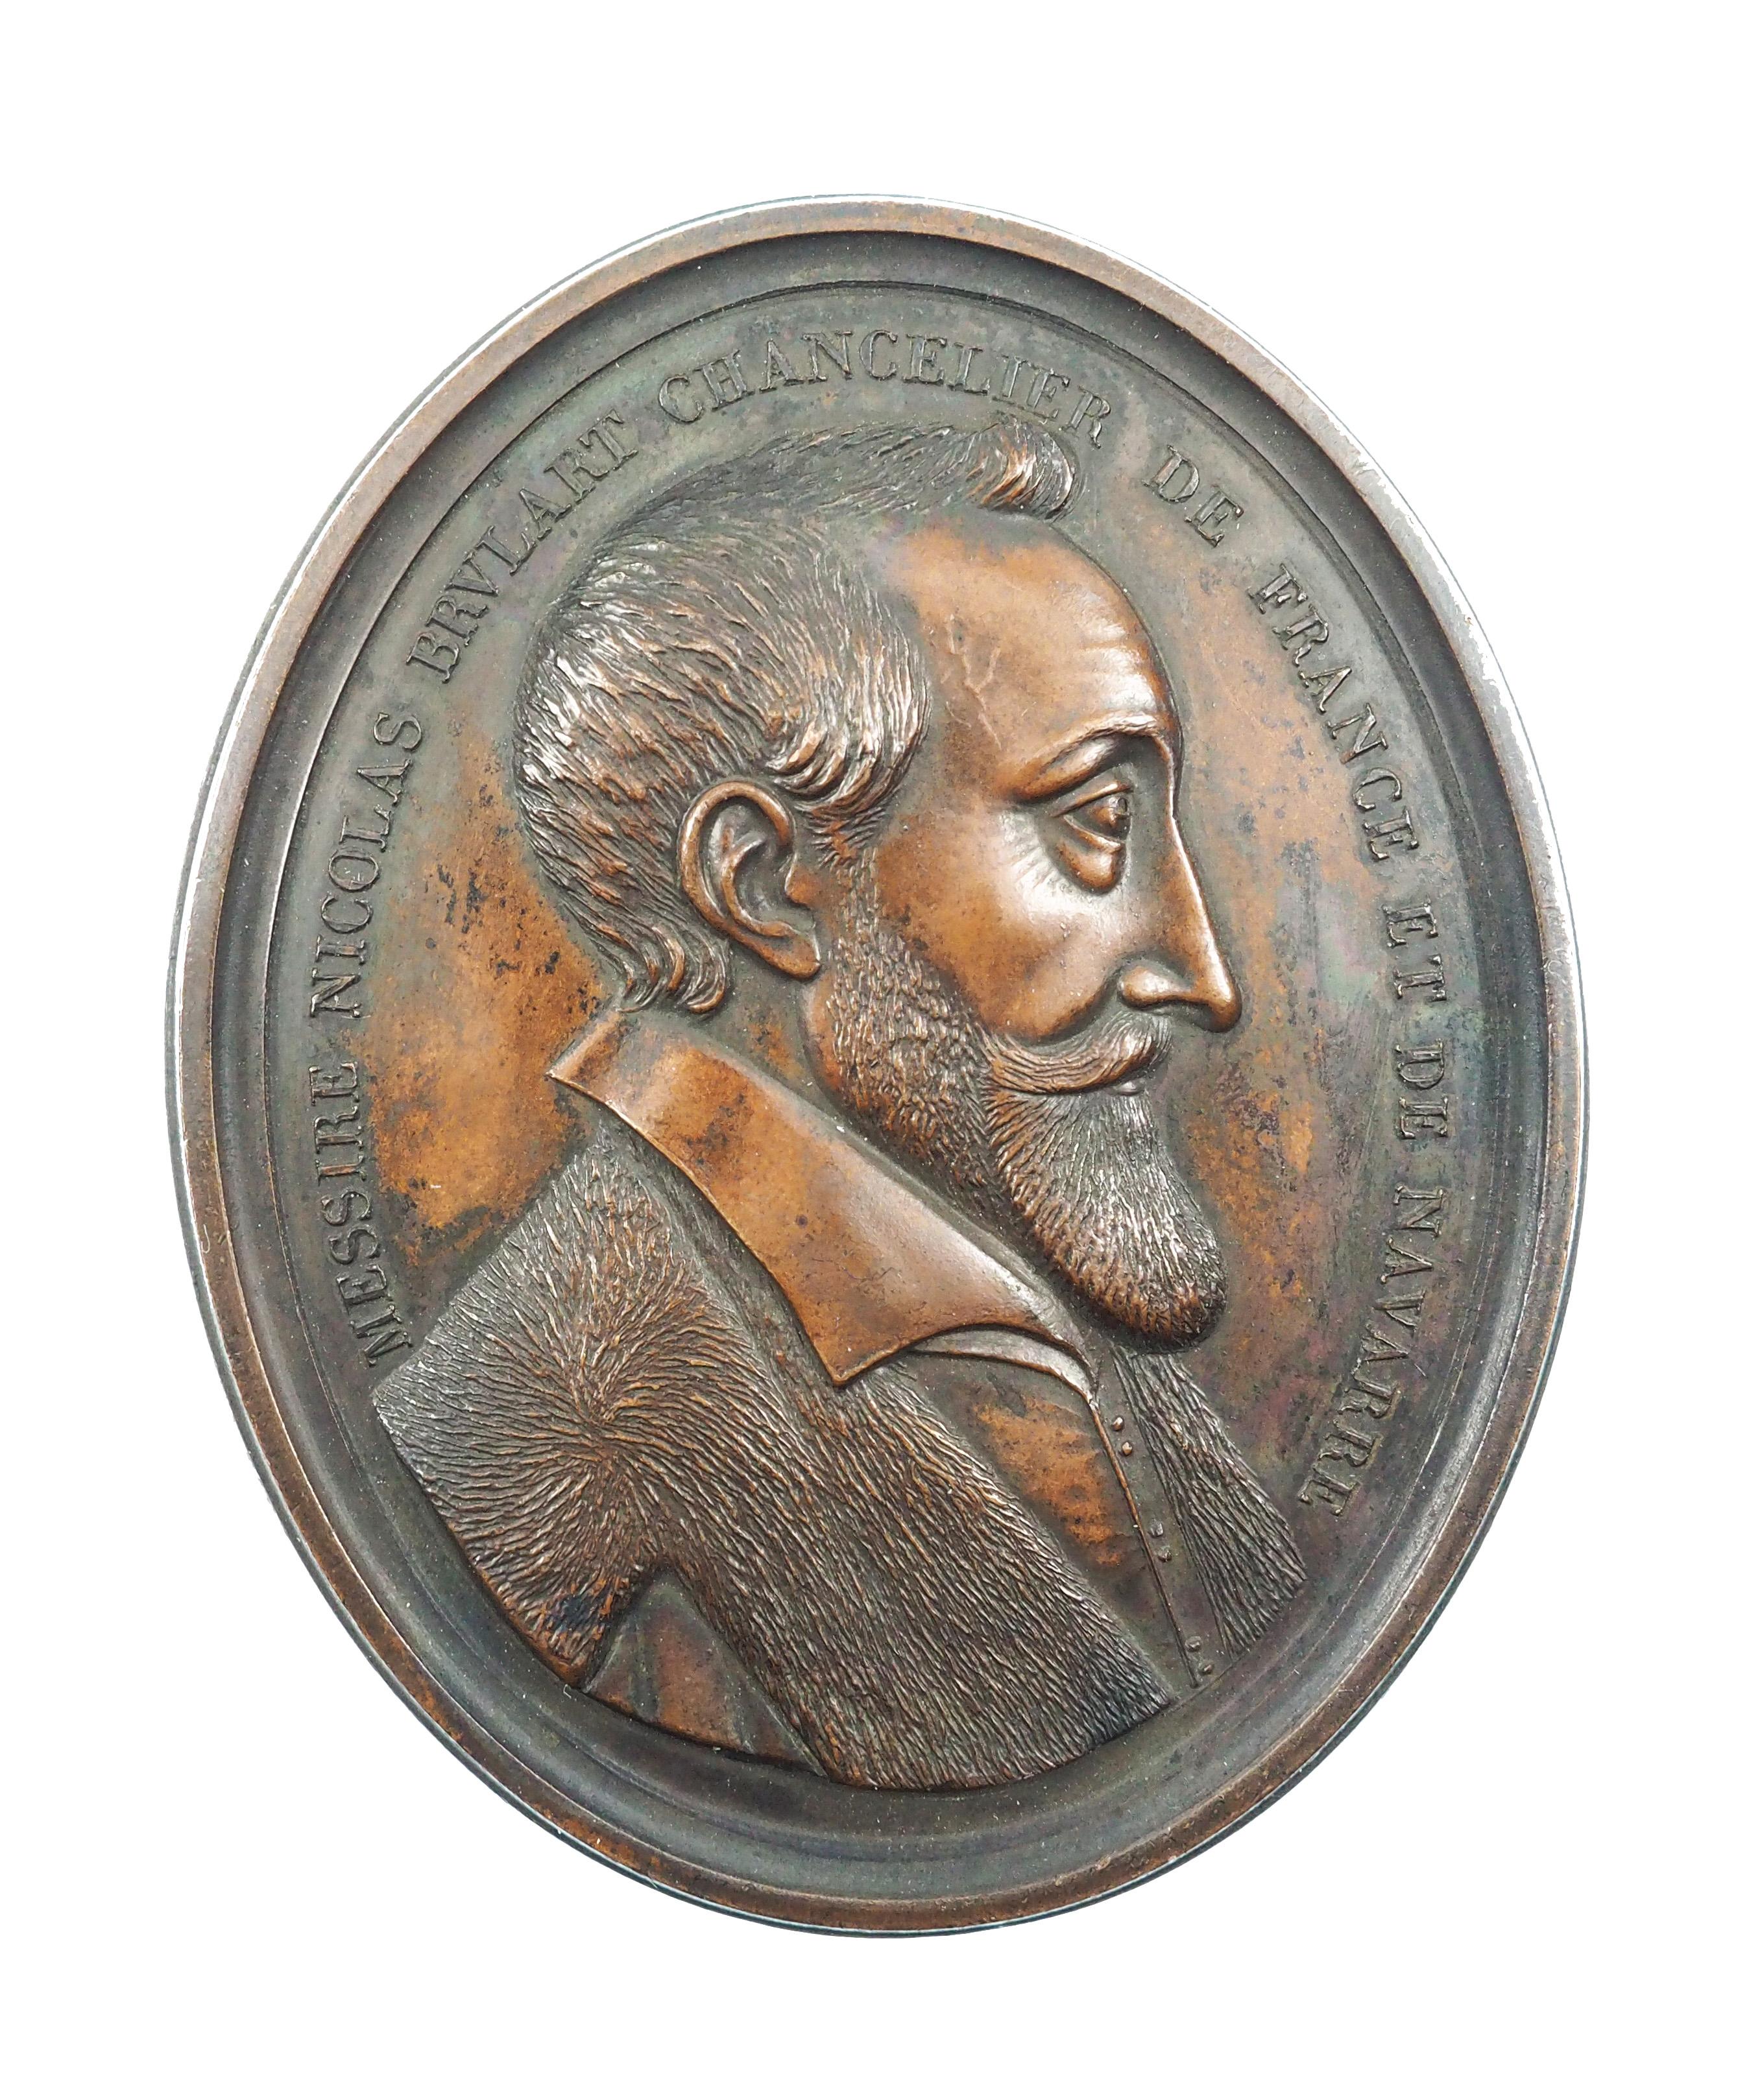 France, Médaille, XVII-XVIIIe siècles, Nicolas Brulart de Sillery, SPL